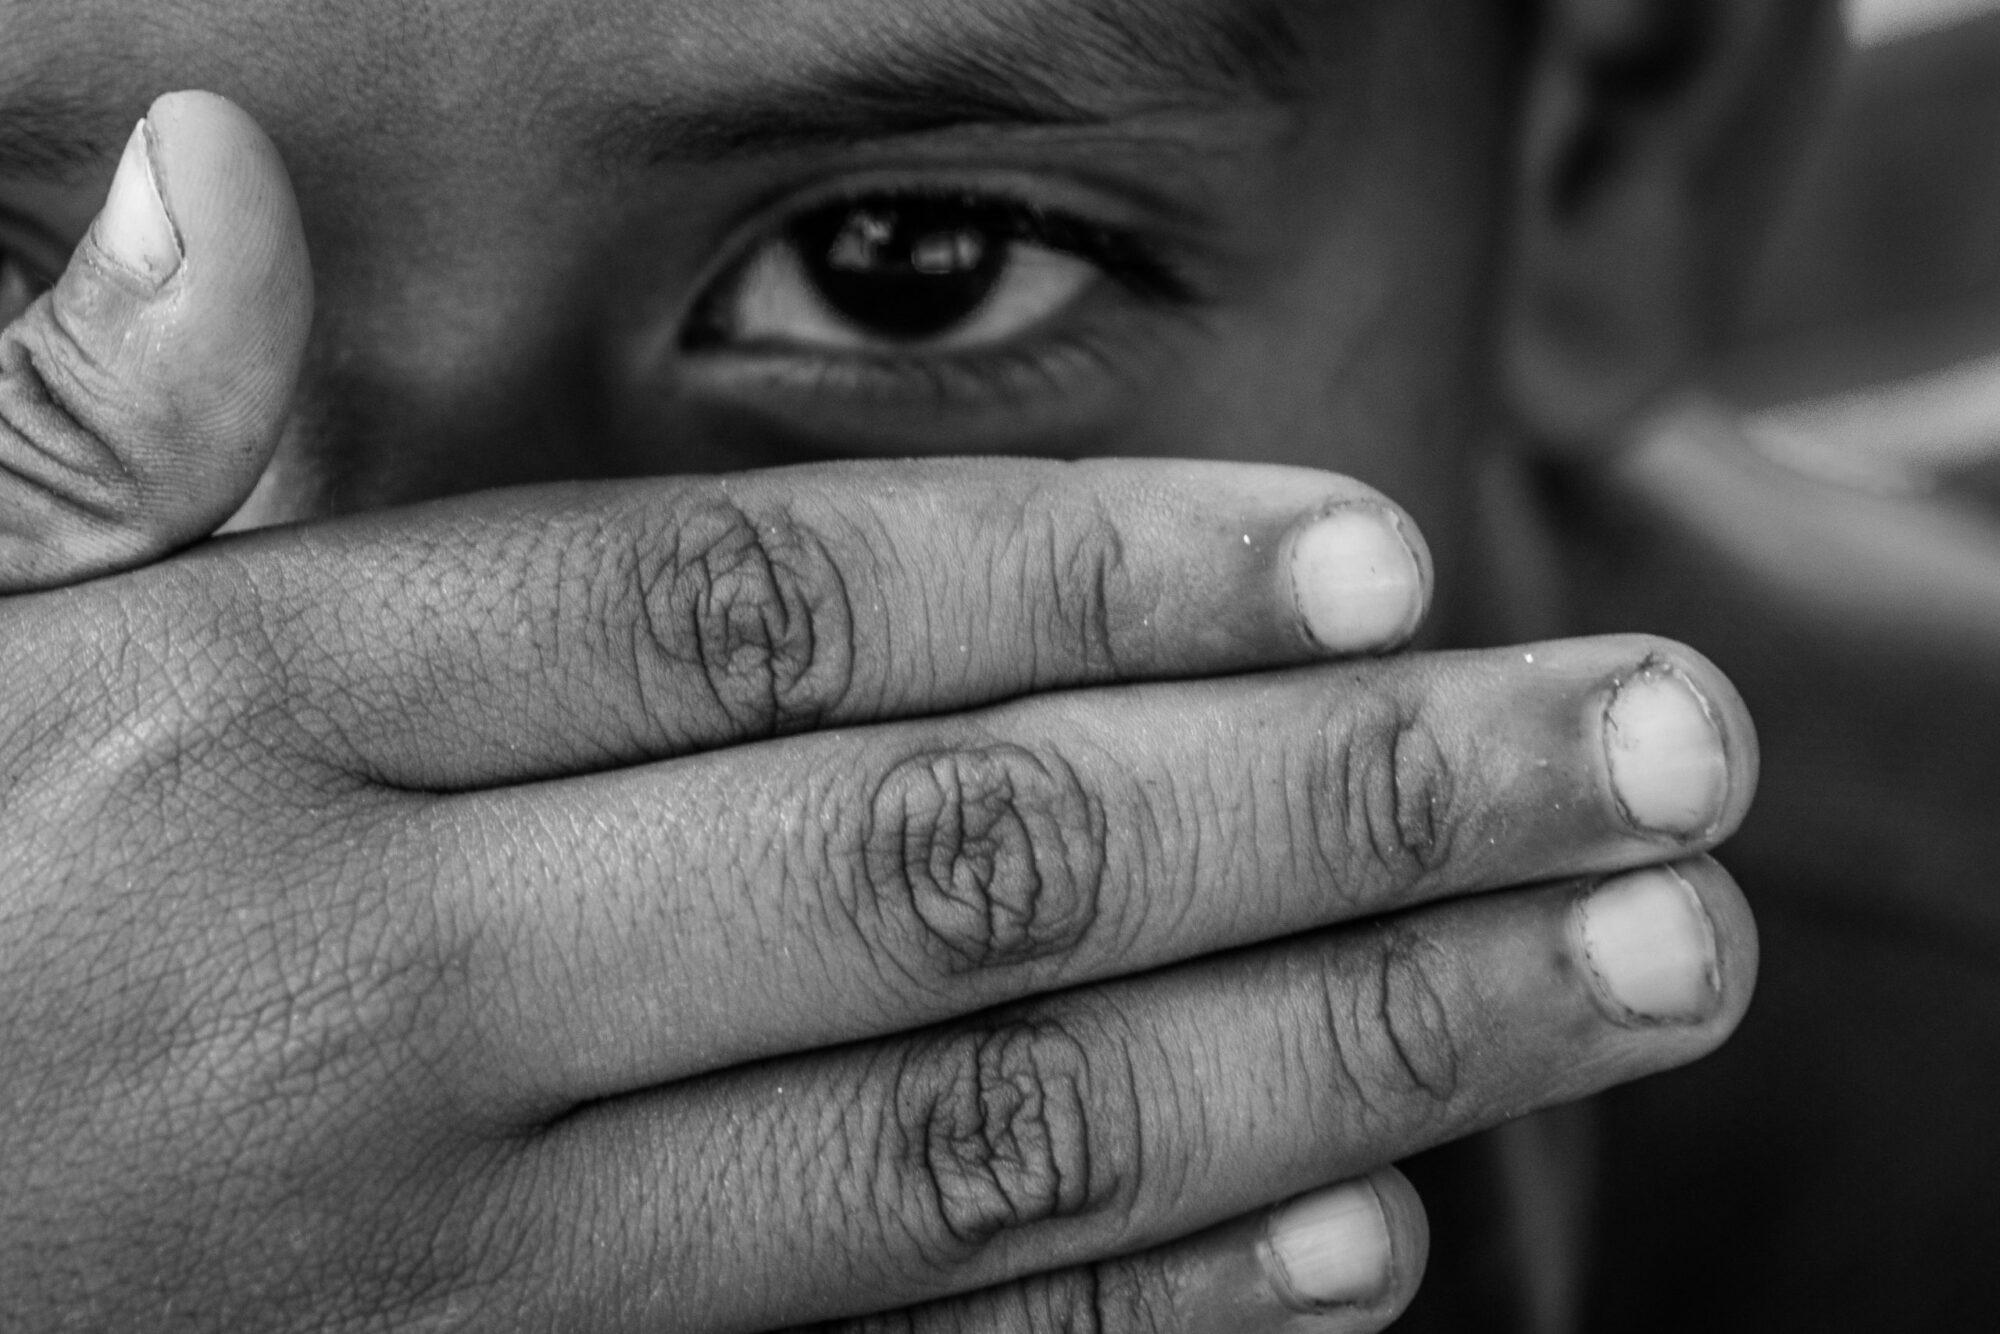 Las niñas, niños y adolescentes merecen acceder al refugio y la protección internacional cuando emigran por razones de sobrevivencia o si lo hacen no acompañados (Luis Kelly. Campamento migrante en las calles de Ciudad de México).